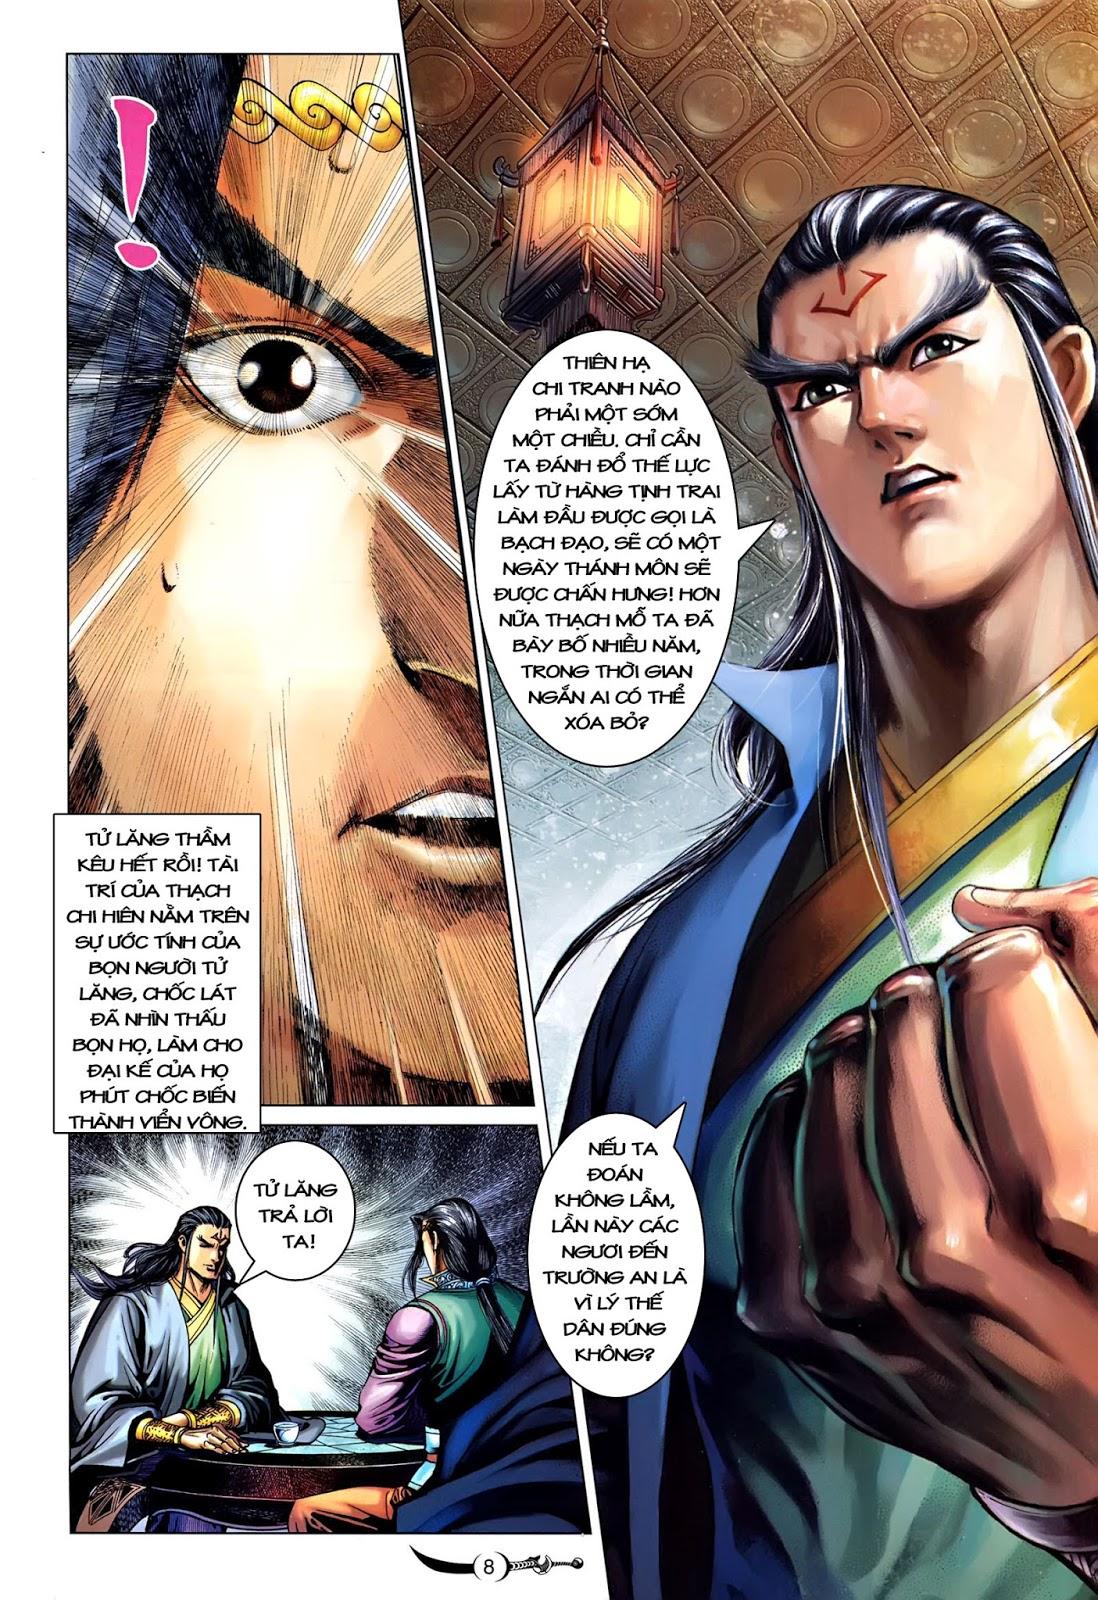 Đại Đường Song Long Truyện chap 216 - Trang 10